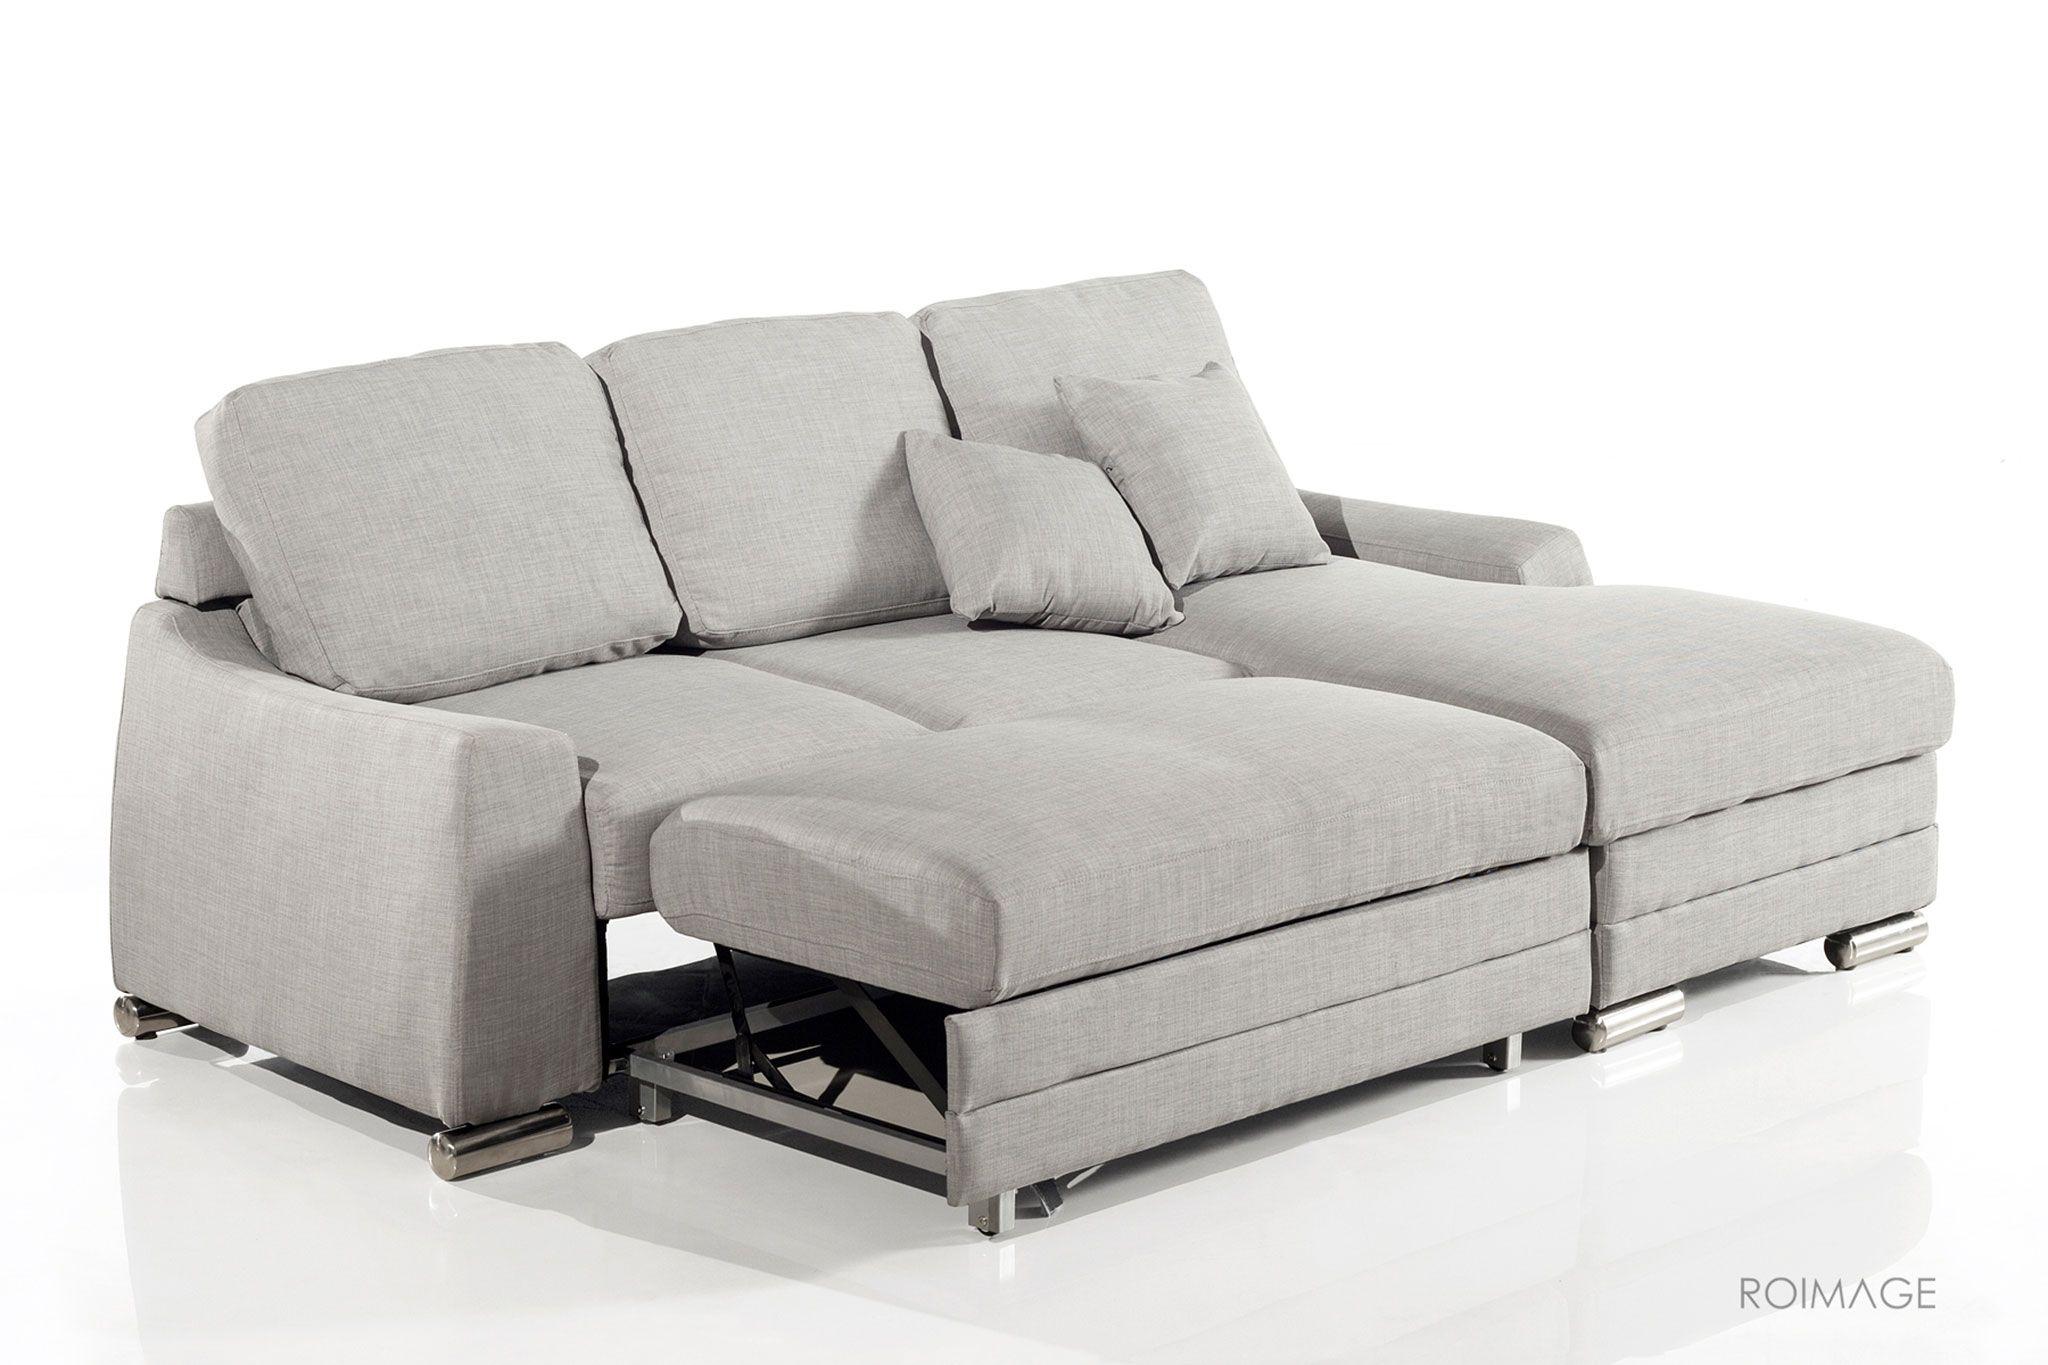 Canapé Rapido Ikea Luxe Collection 22 Inspirant Canapé Friheten